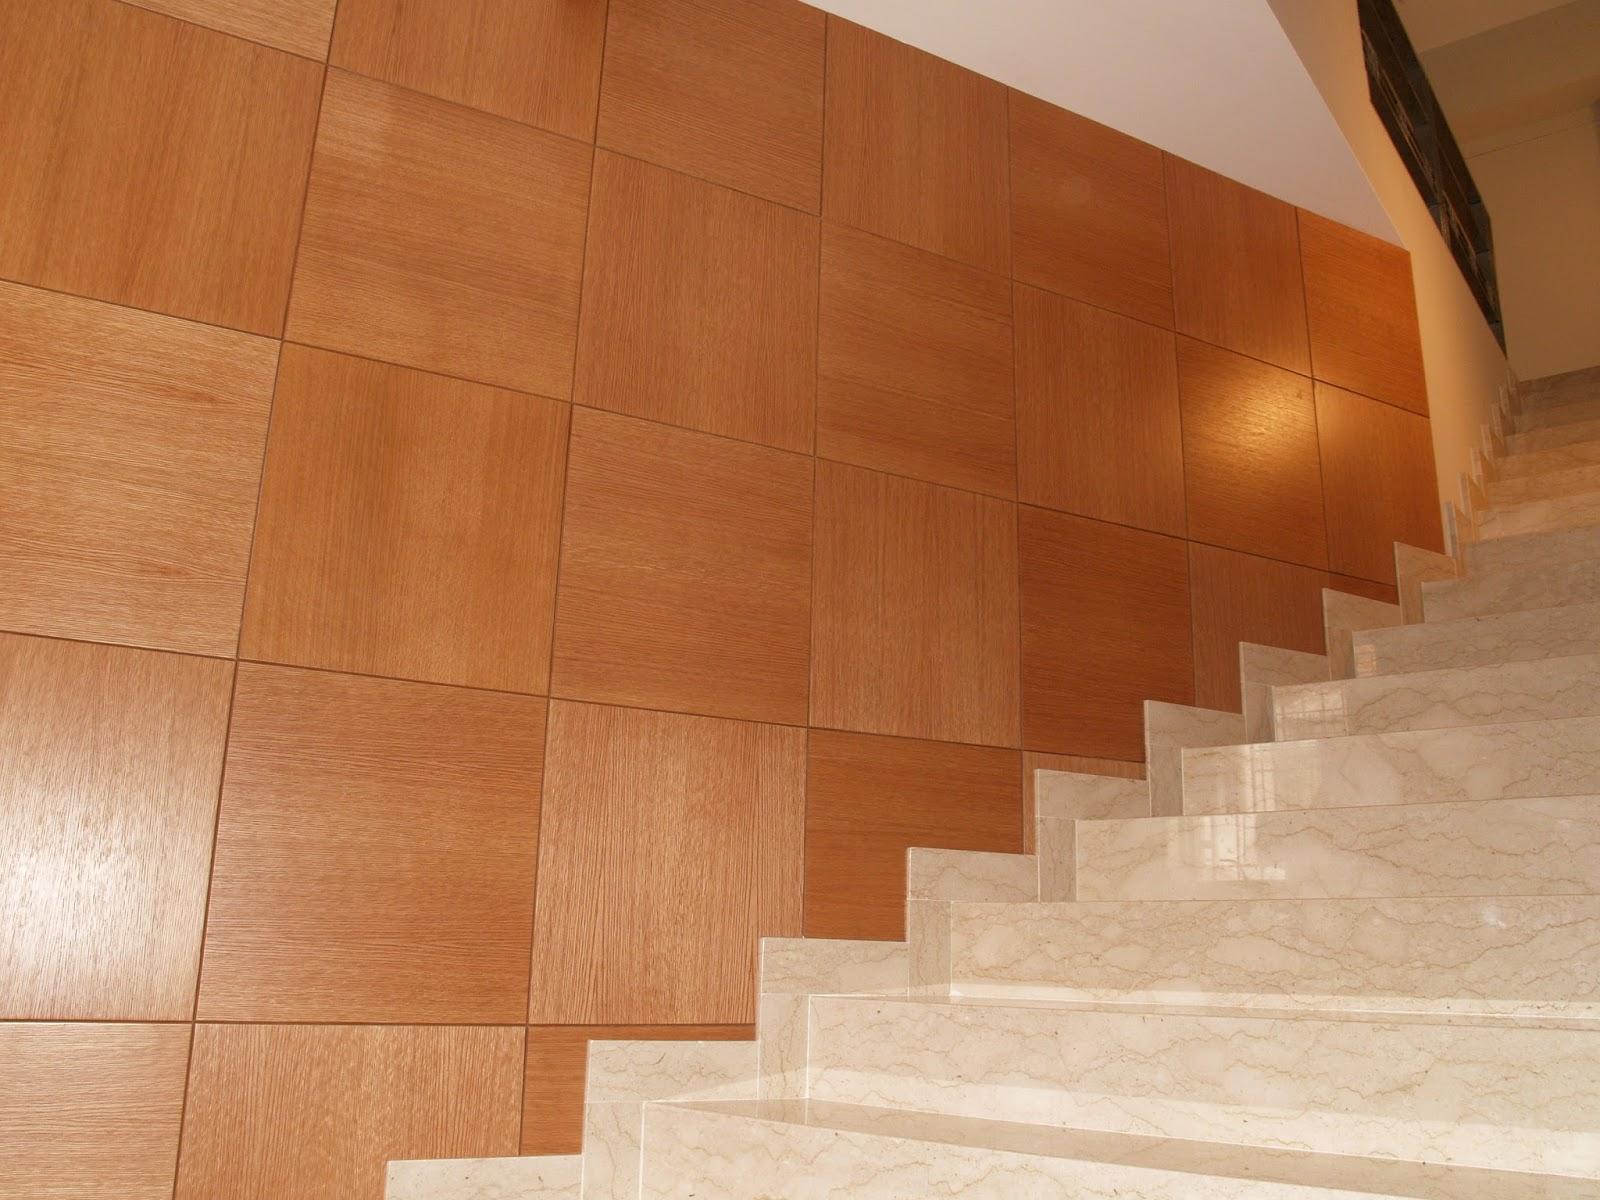 Panelado de paredes y techos carpintero en almer a profesionales muebles a medida - Panelado de paredes ...